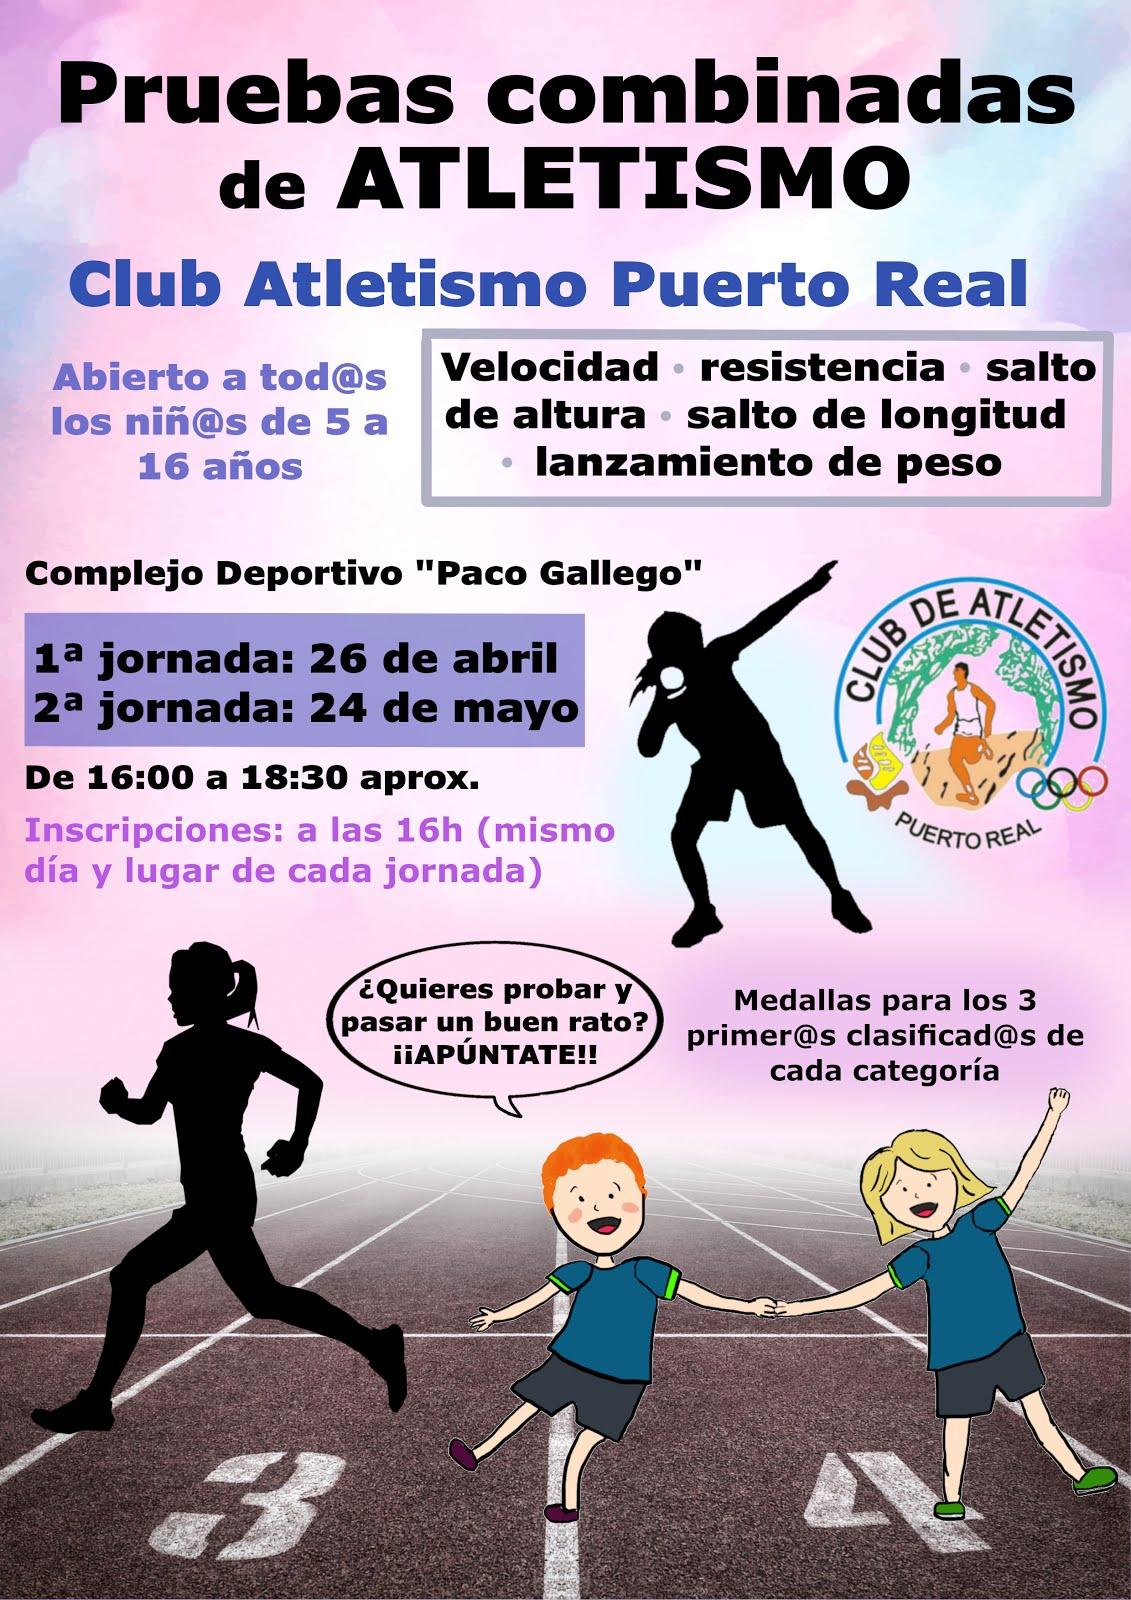 Pruebas combinadas 2019 C.A. Puerto Real